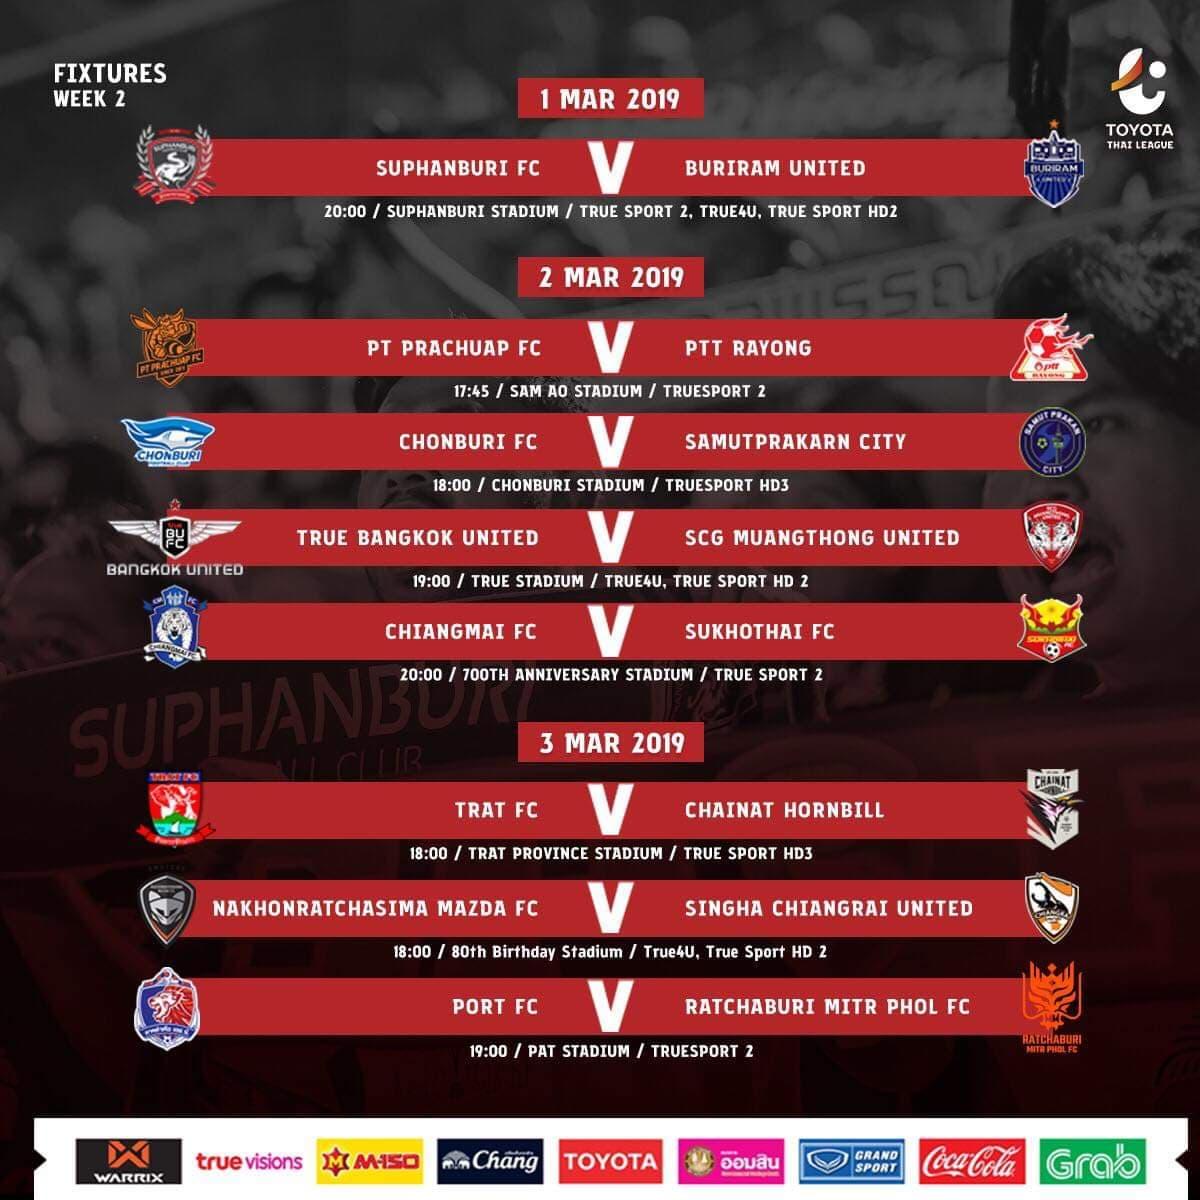 Trực tiếp Thai League 2019 trên kênh nào?